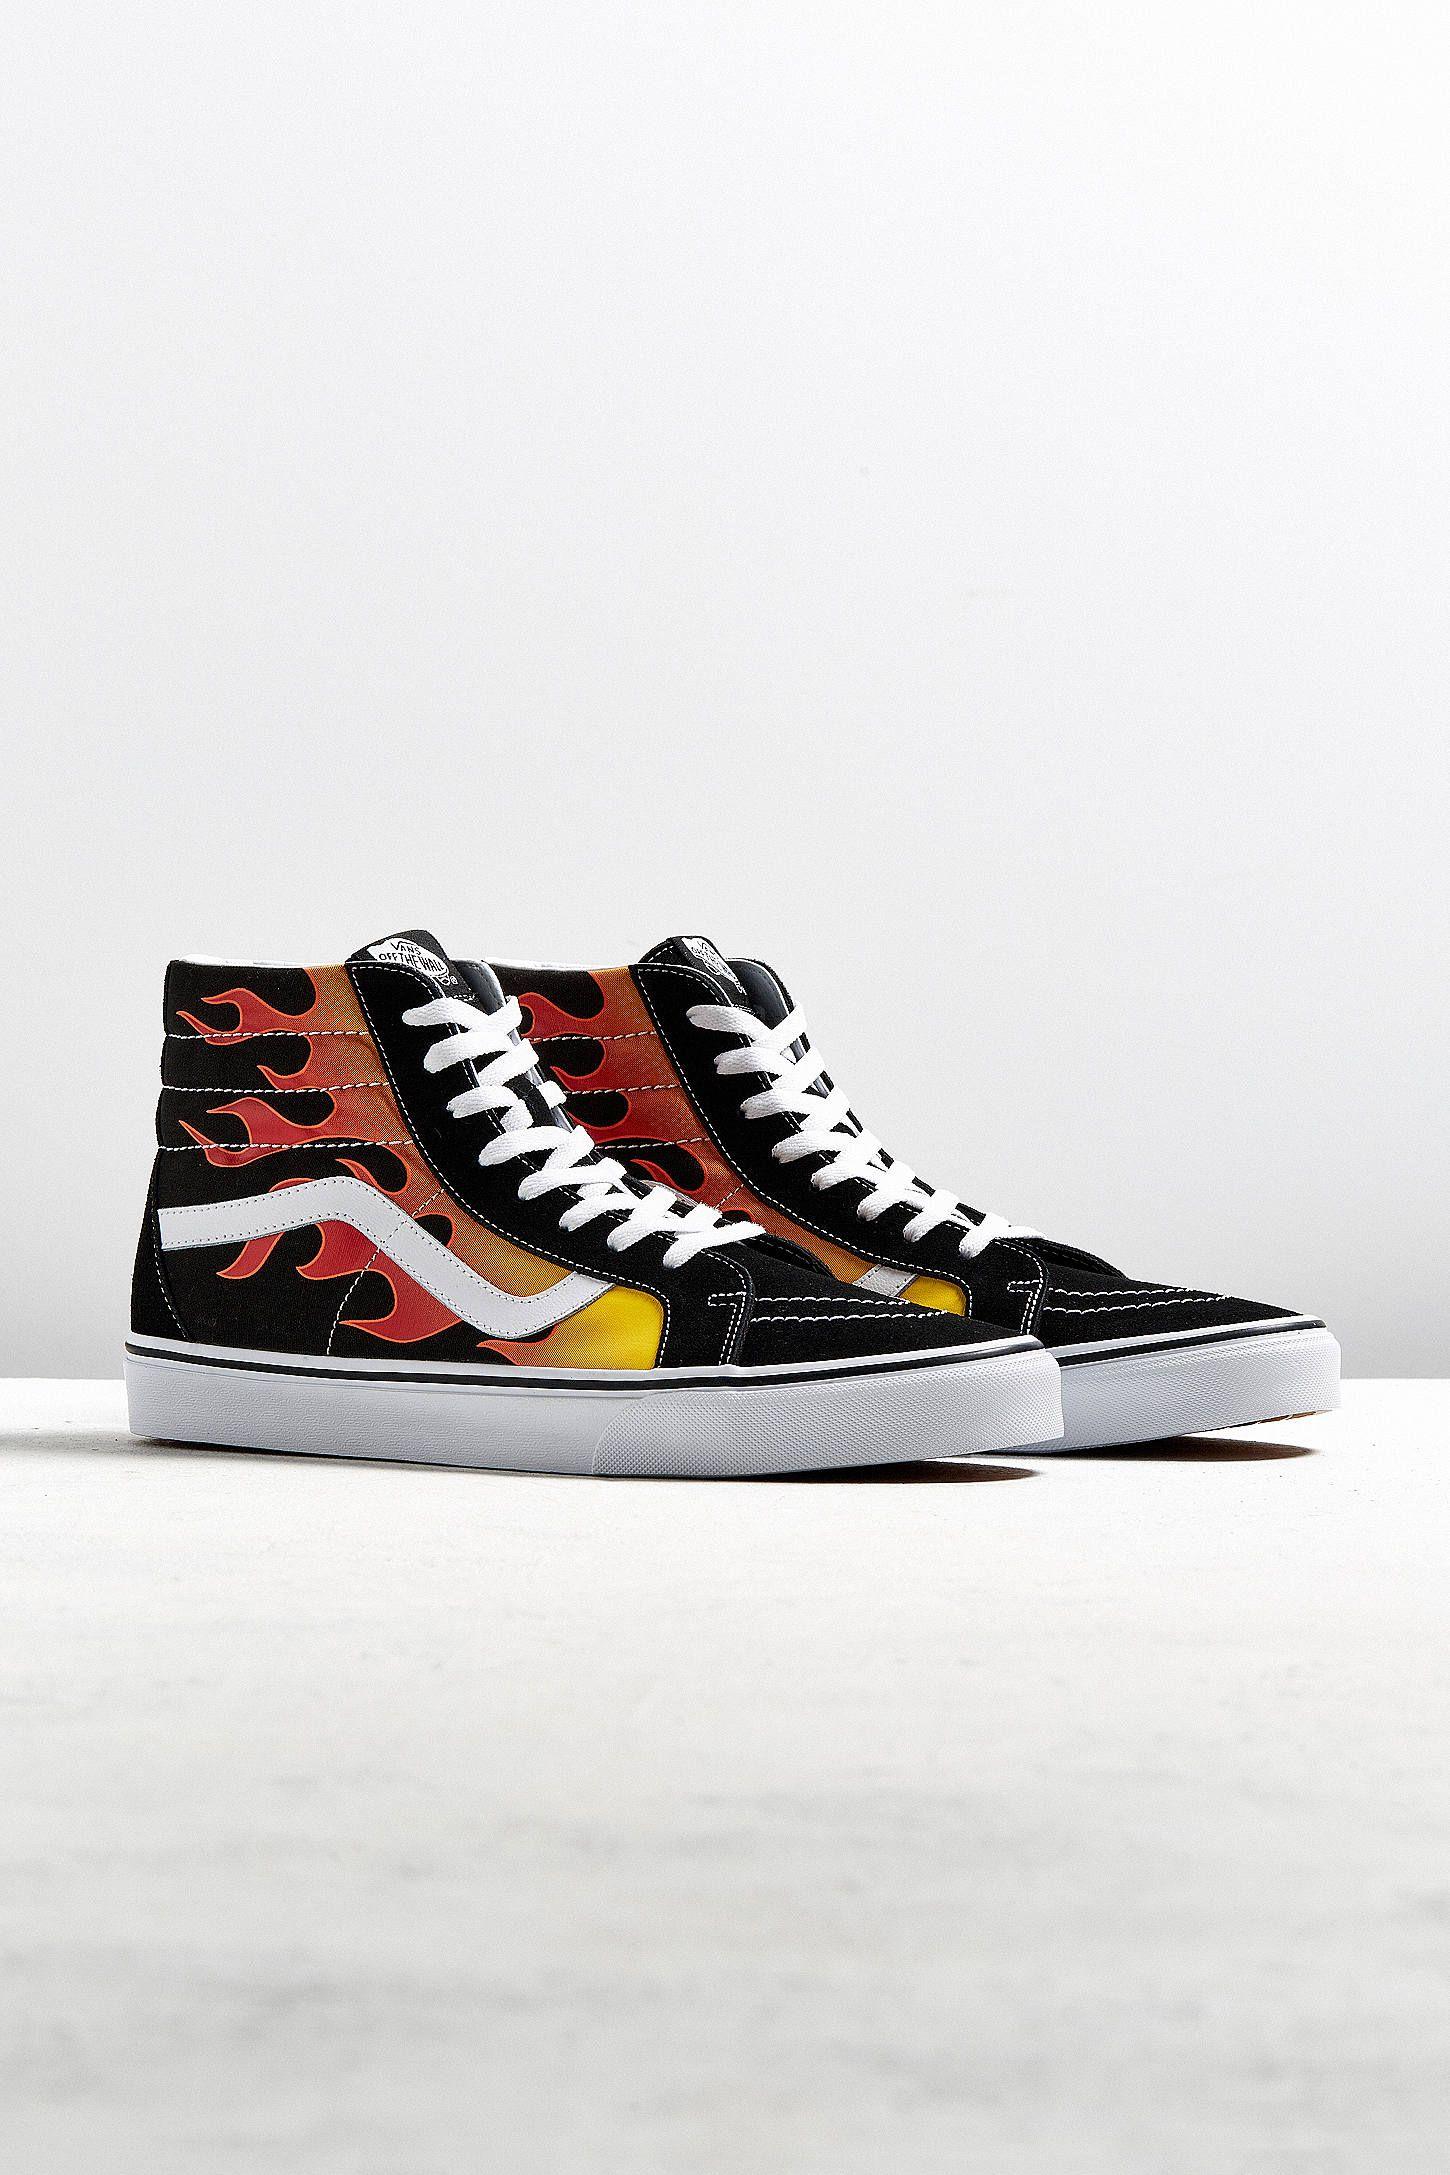 Vans Sk8-Hi Reissue Flames Sneaker